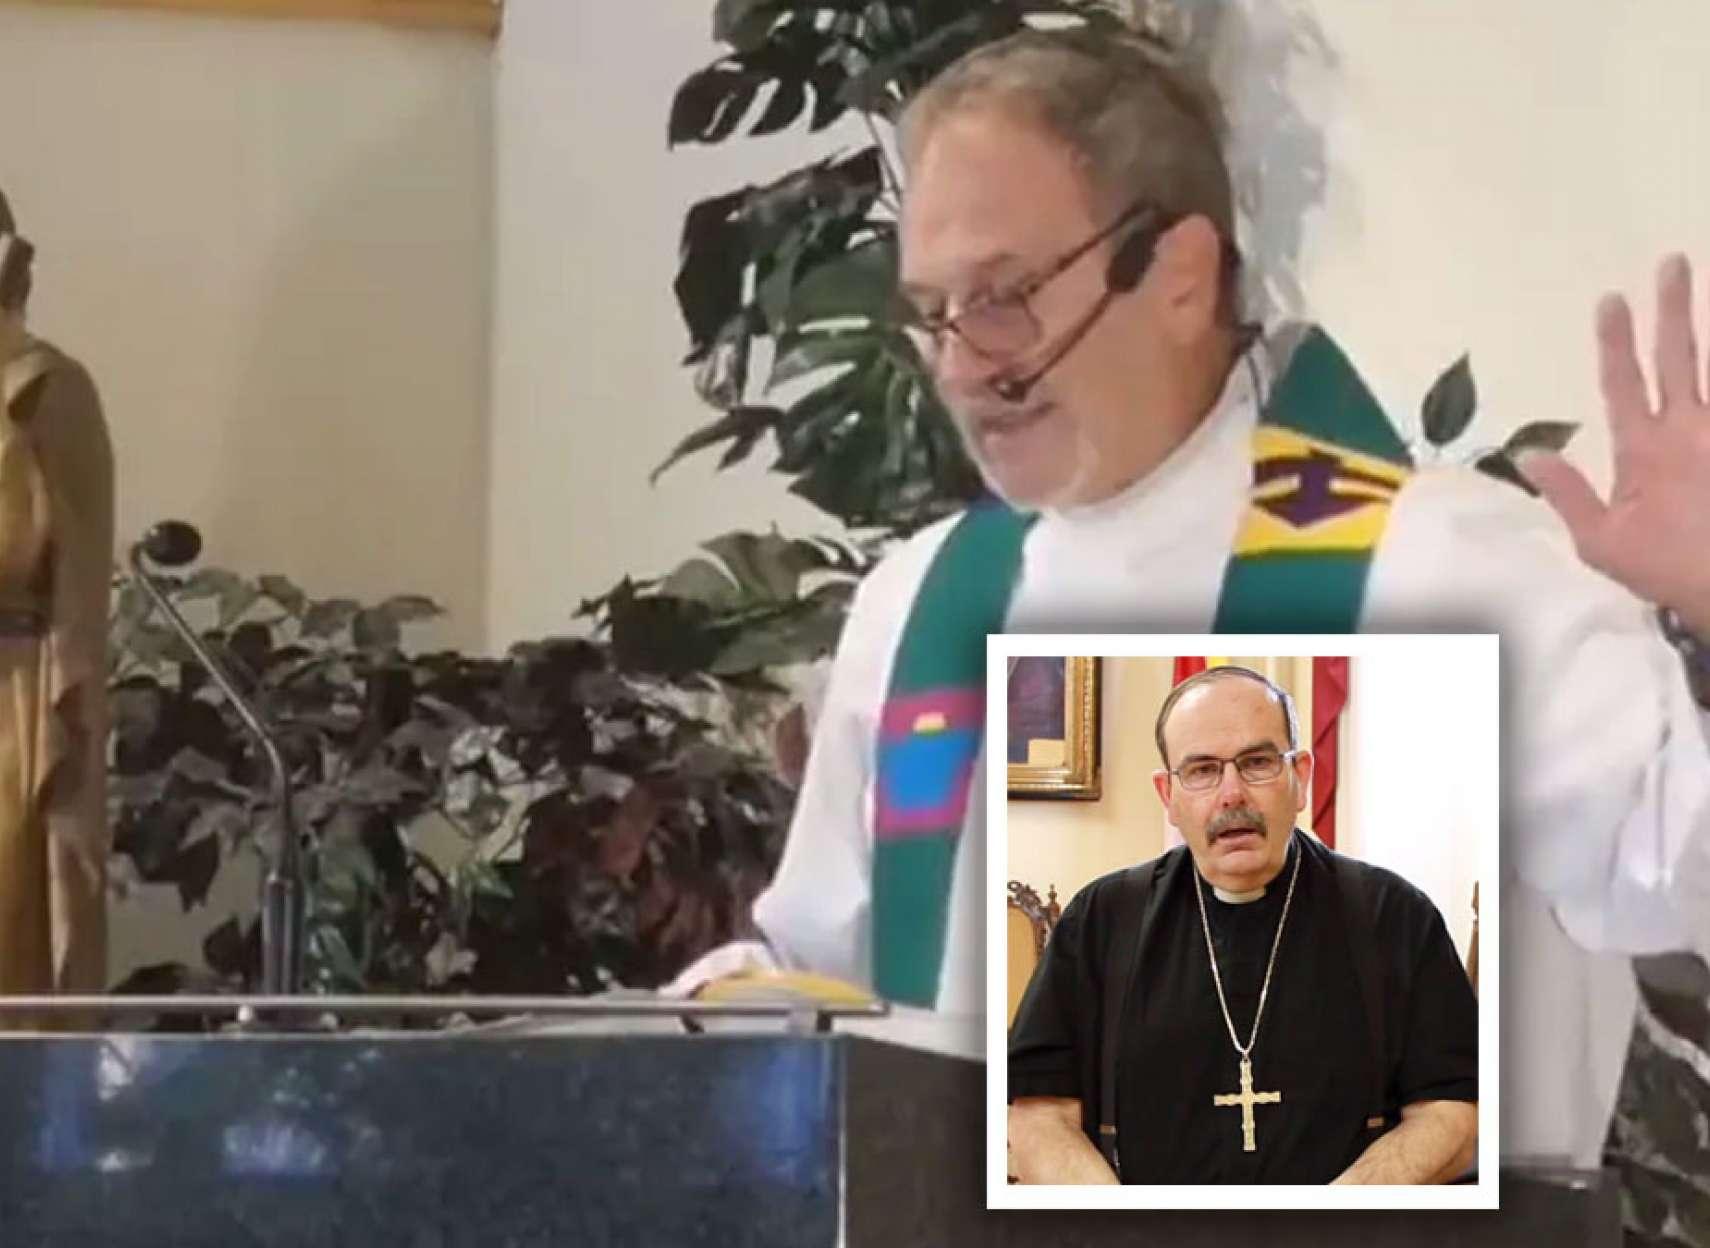 خبر-کانادا-اسقف-کاتولیک-مانیتوبا-بومیان-برای-پول-گرفتن-دروغ-می-گویند-شعارنویسان-را-با-گلوله-می-زنم